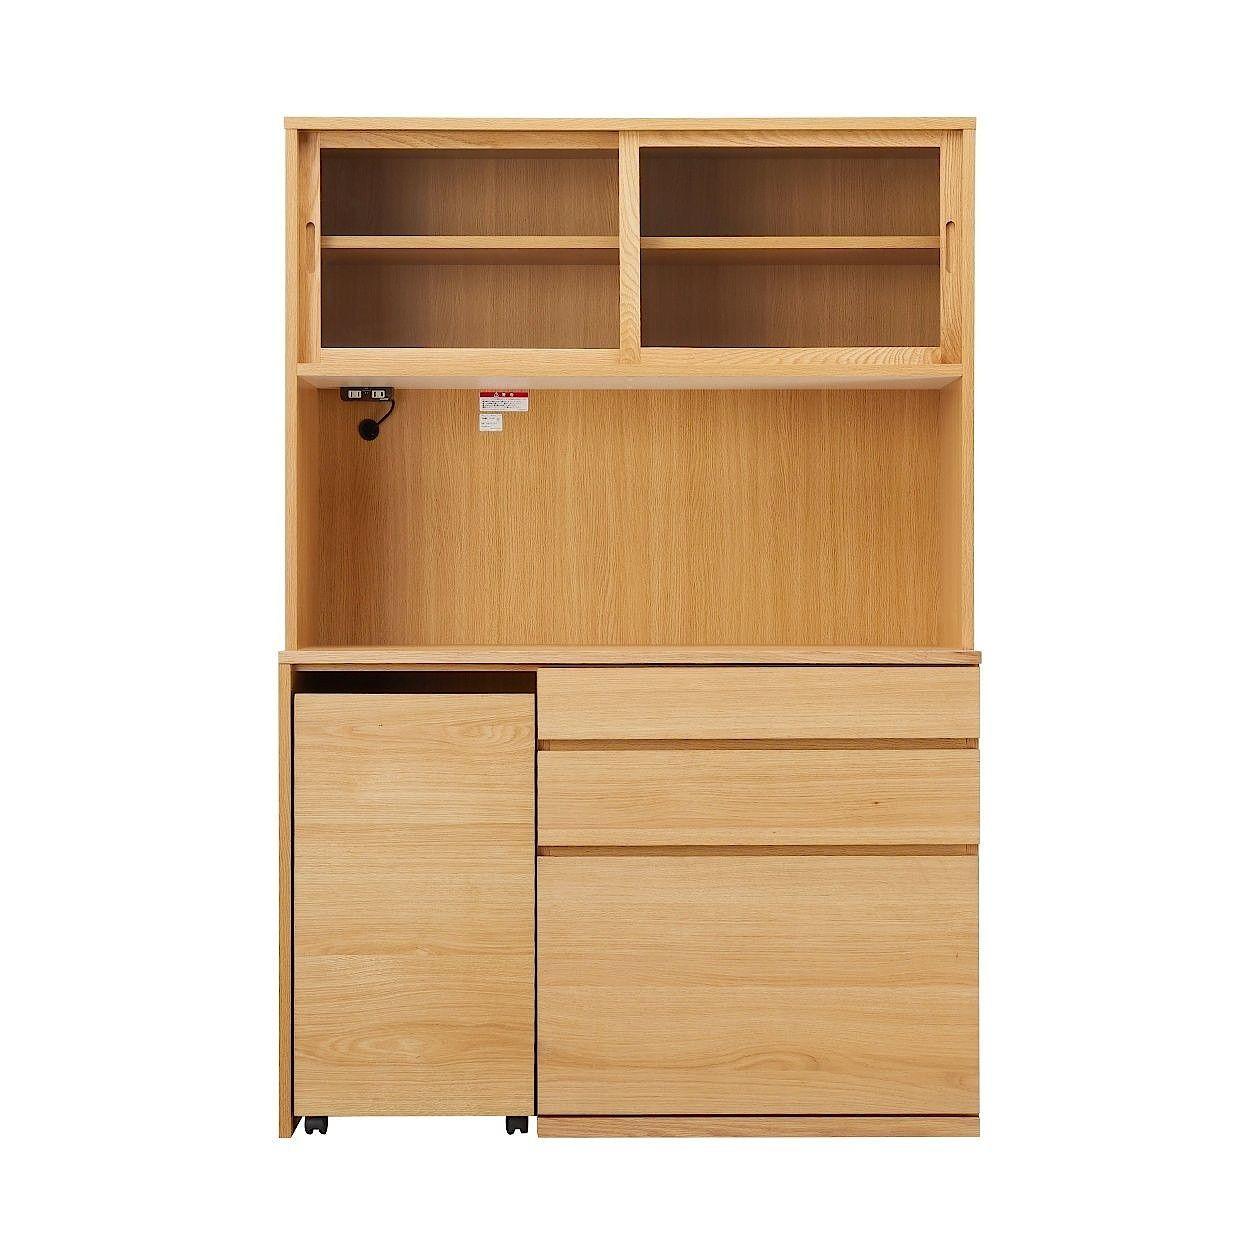 木製カップボード 幅120cm オーク材 幅120 奥行44 高さ175 5cm 通販 無印良品 カップボード 無印 キッチンアイデア